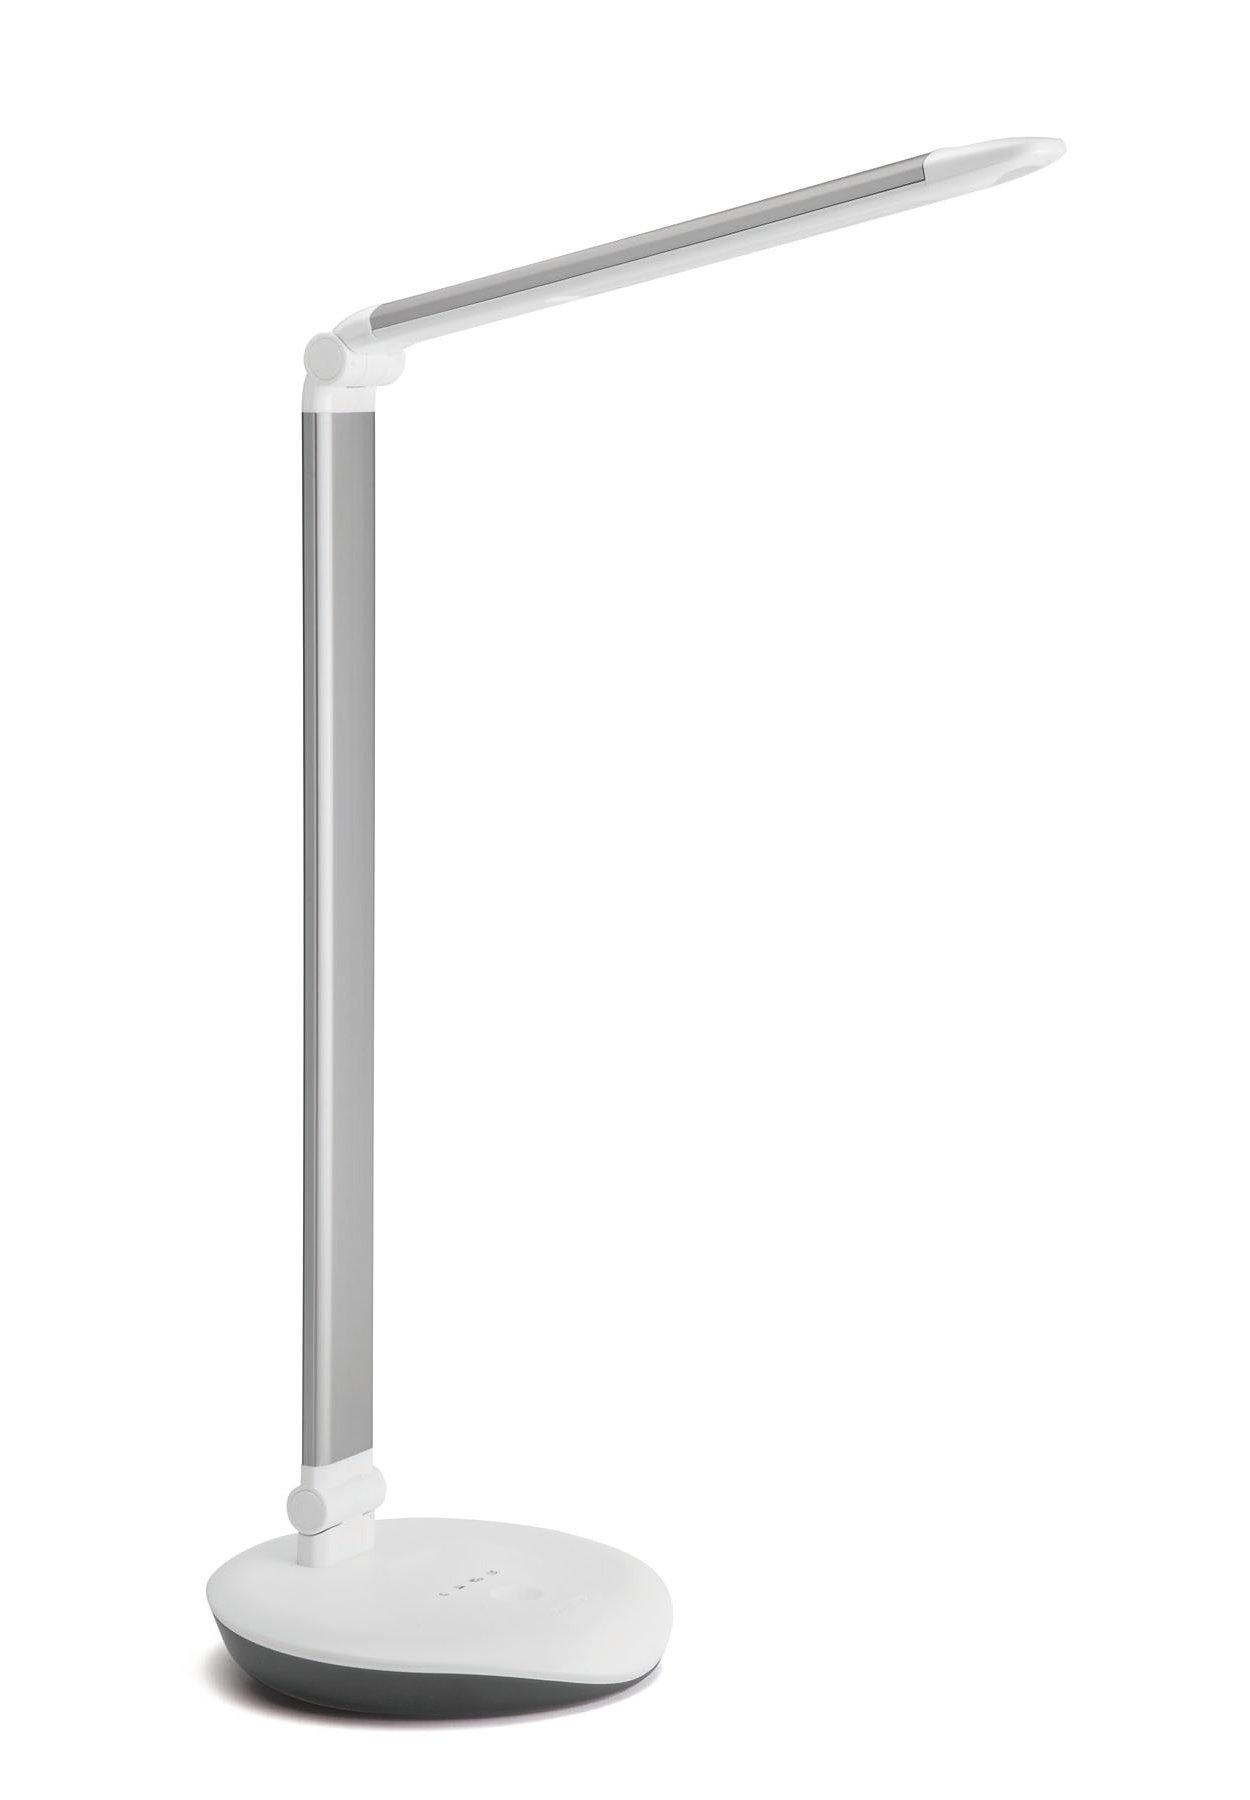 可靠的露台照明可带来更多便利